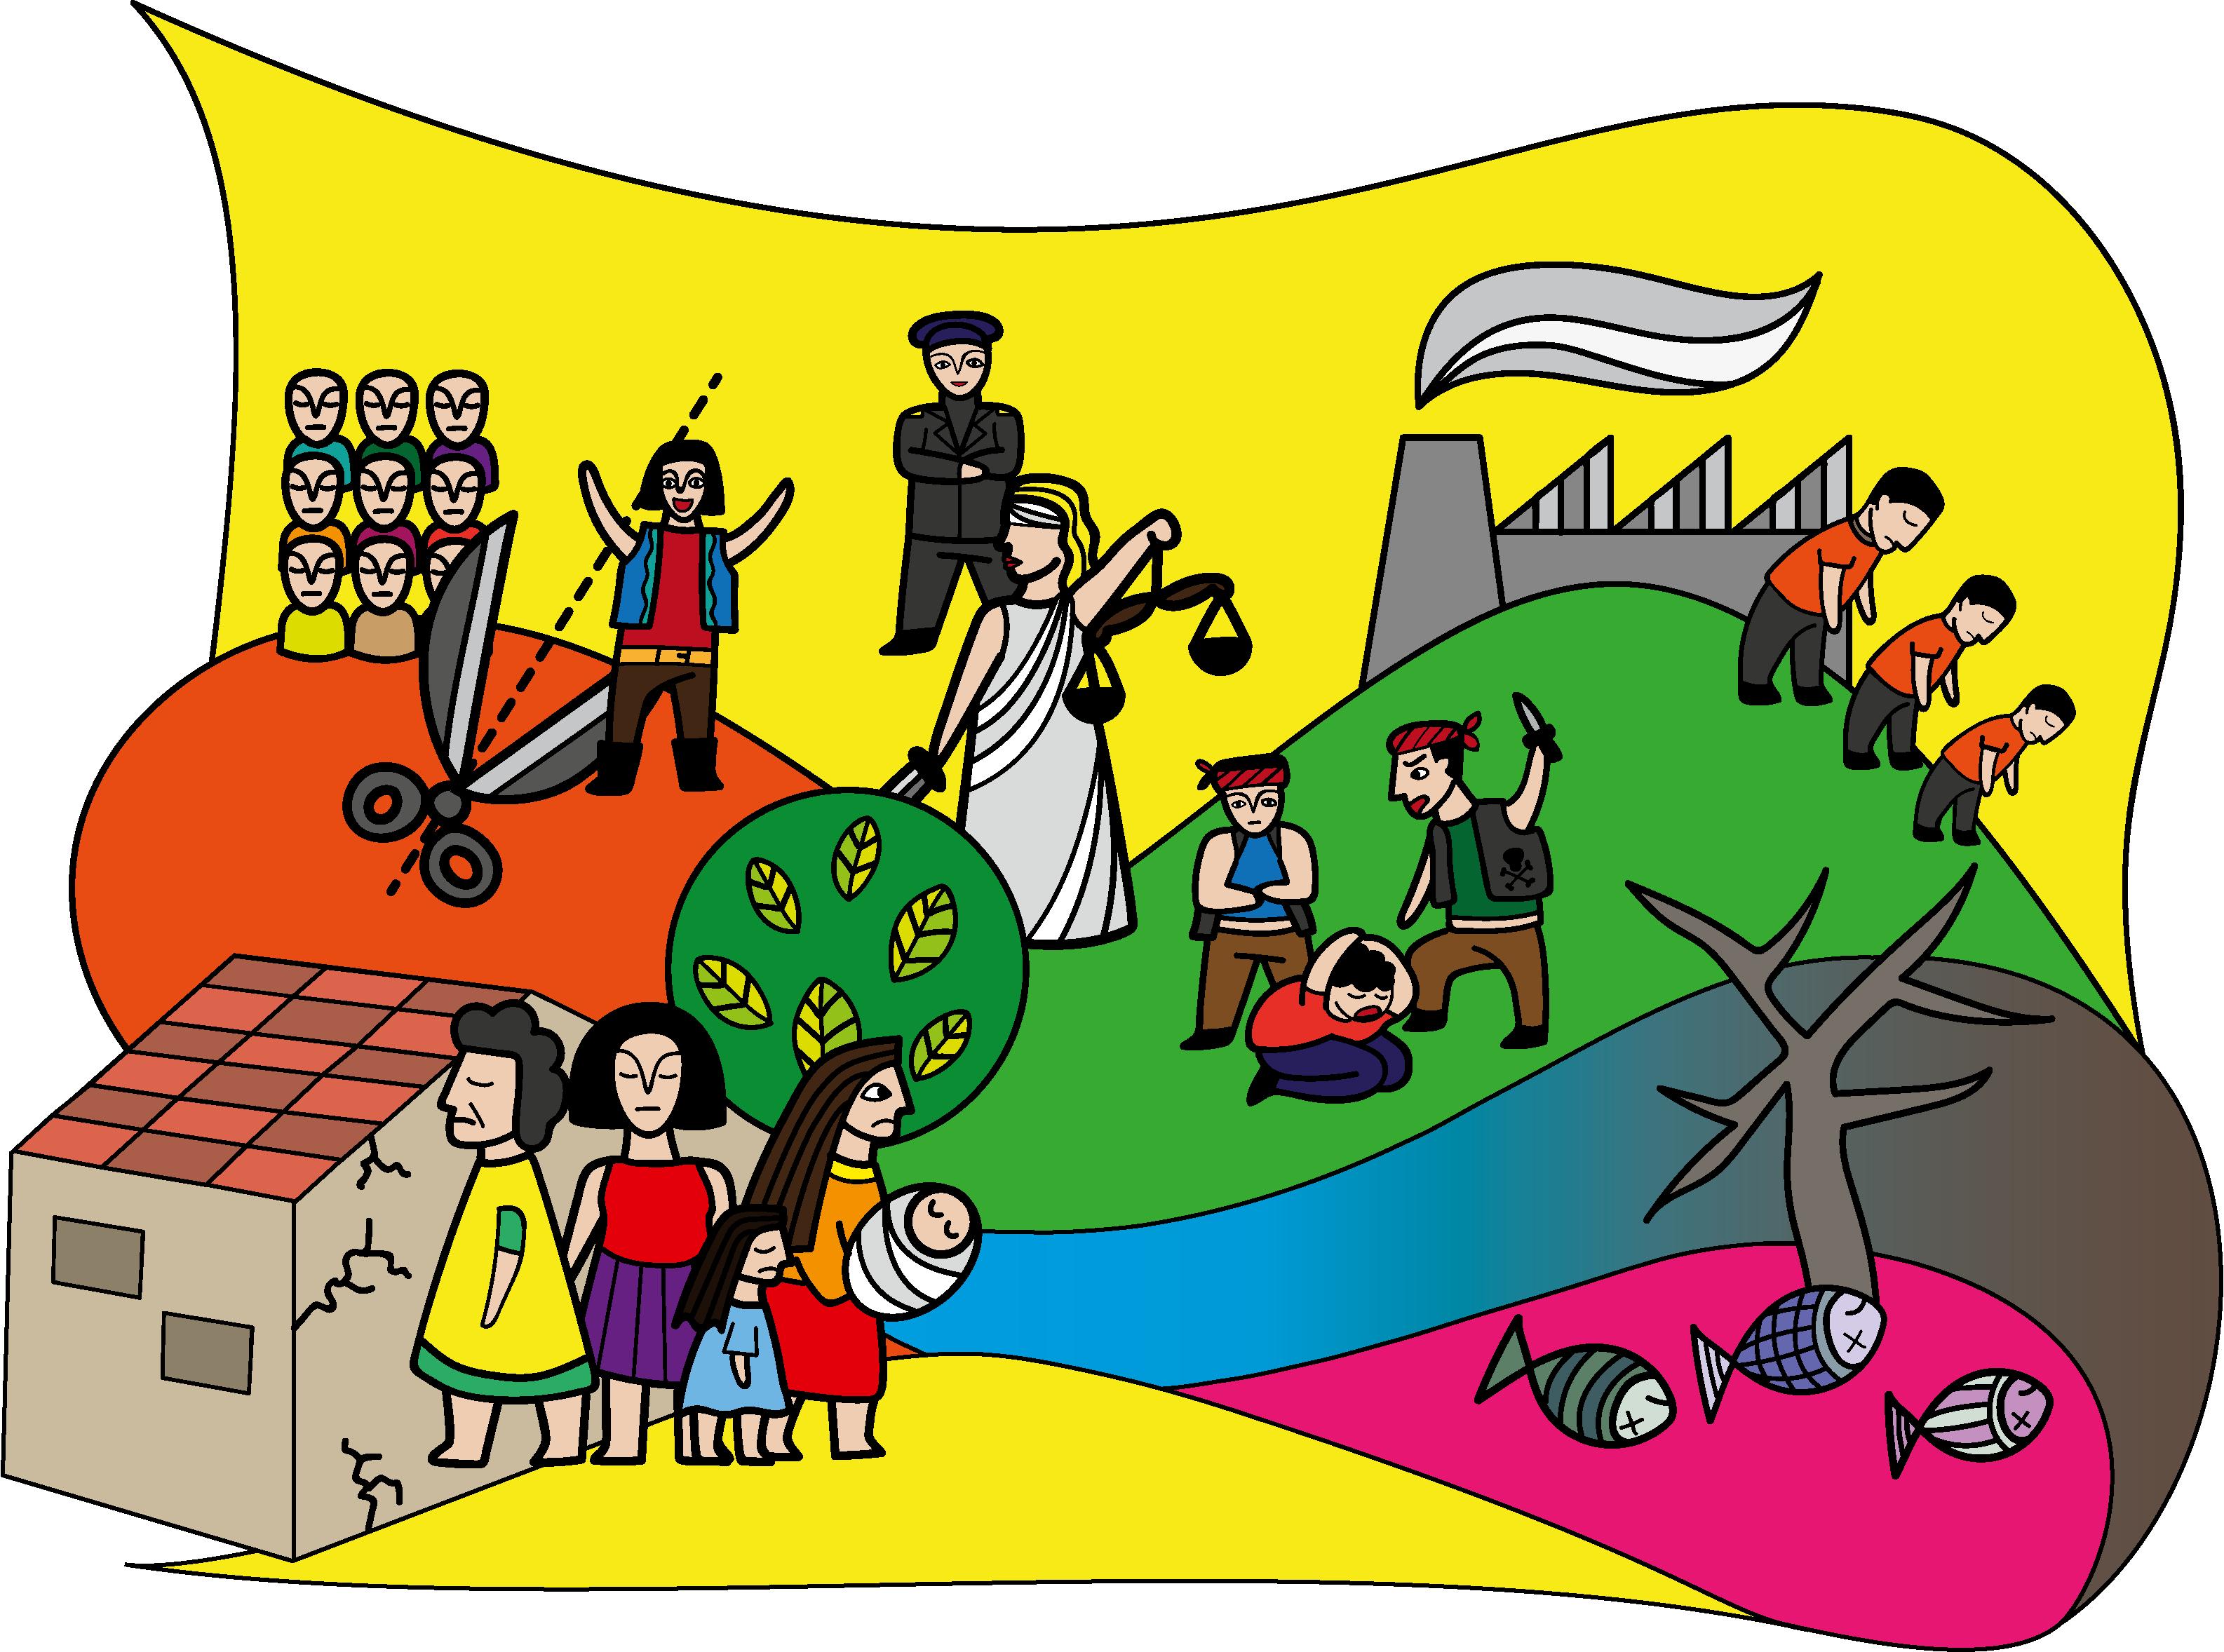 Infografik El Salvador: Ungleichheit, Ungerechtigkeit, Ausbeutung, instabile Familien, Gewalt und Umweltverschmutzung sind die schlimmsten Probleme in El Salvador.